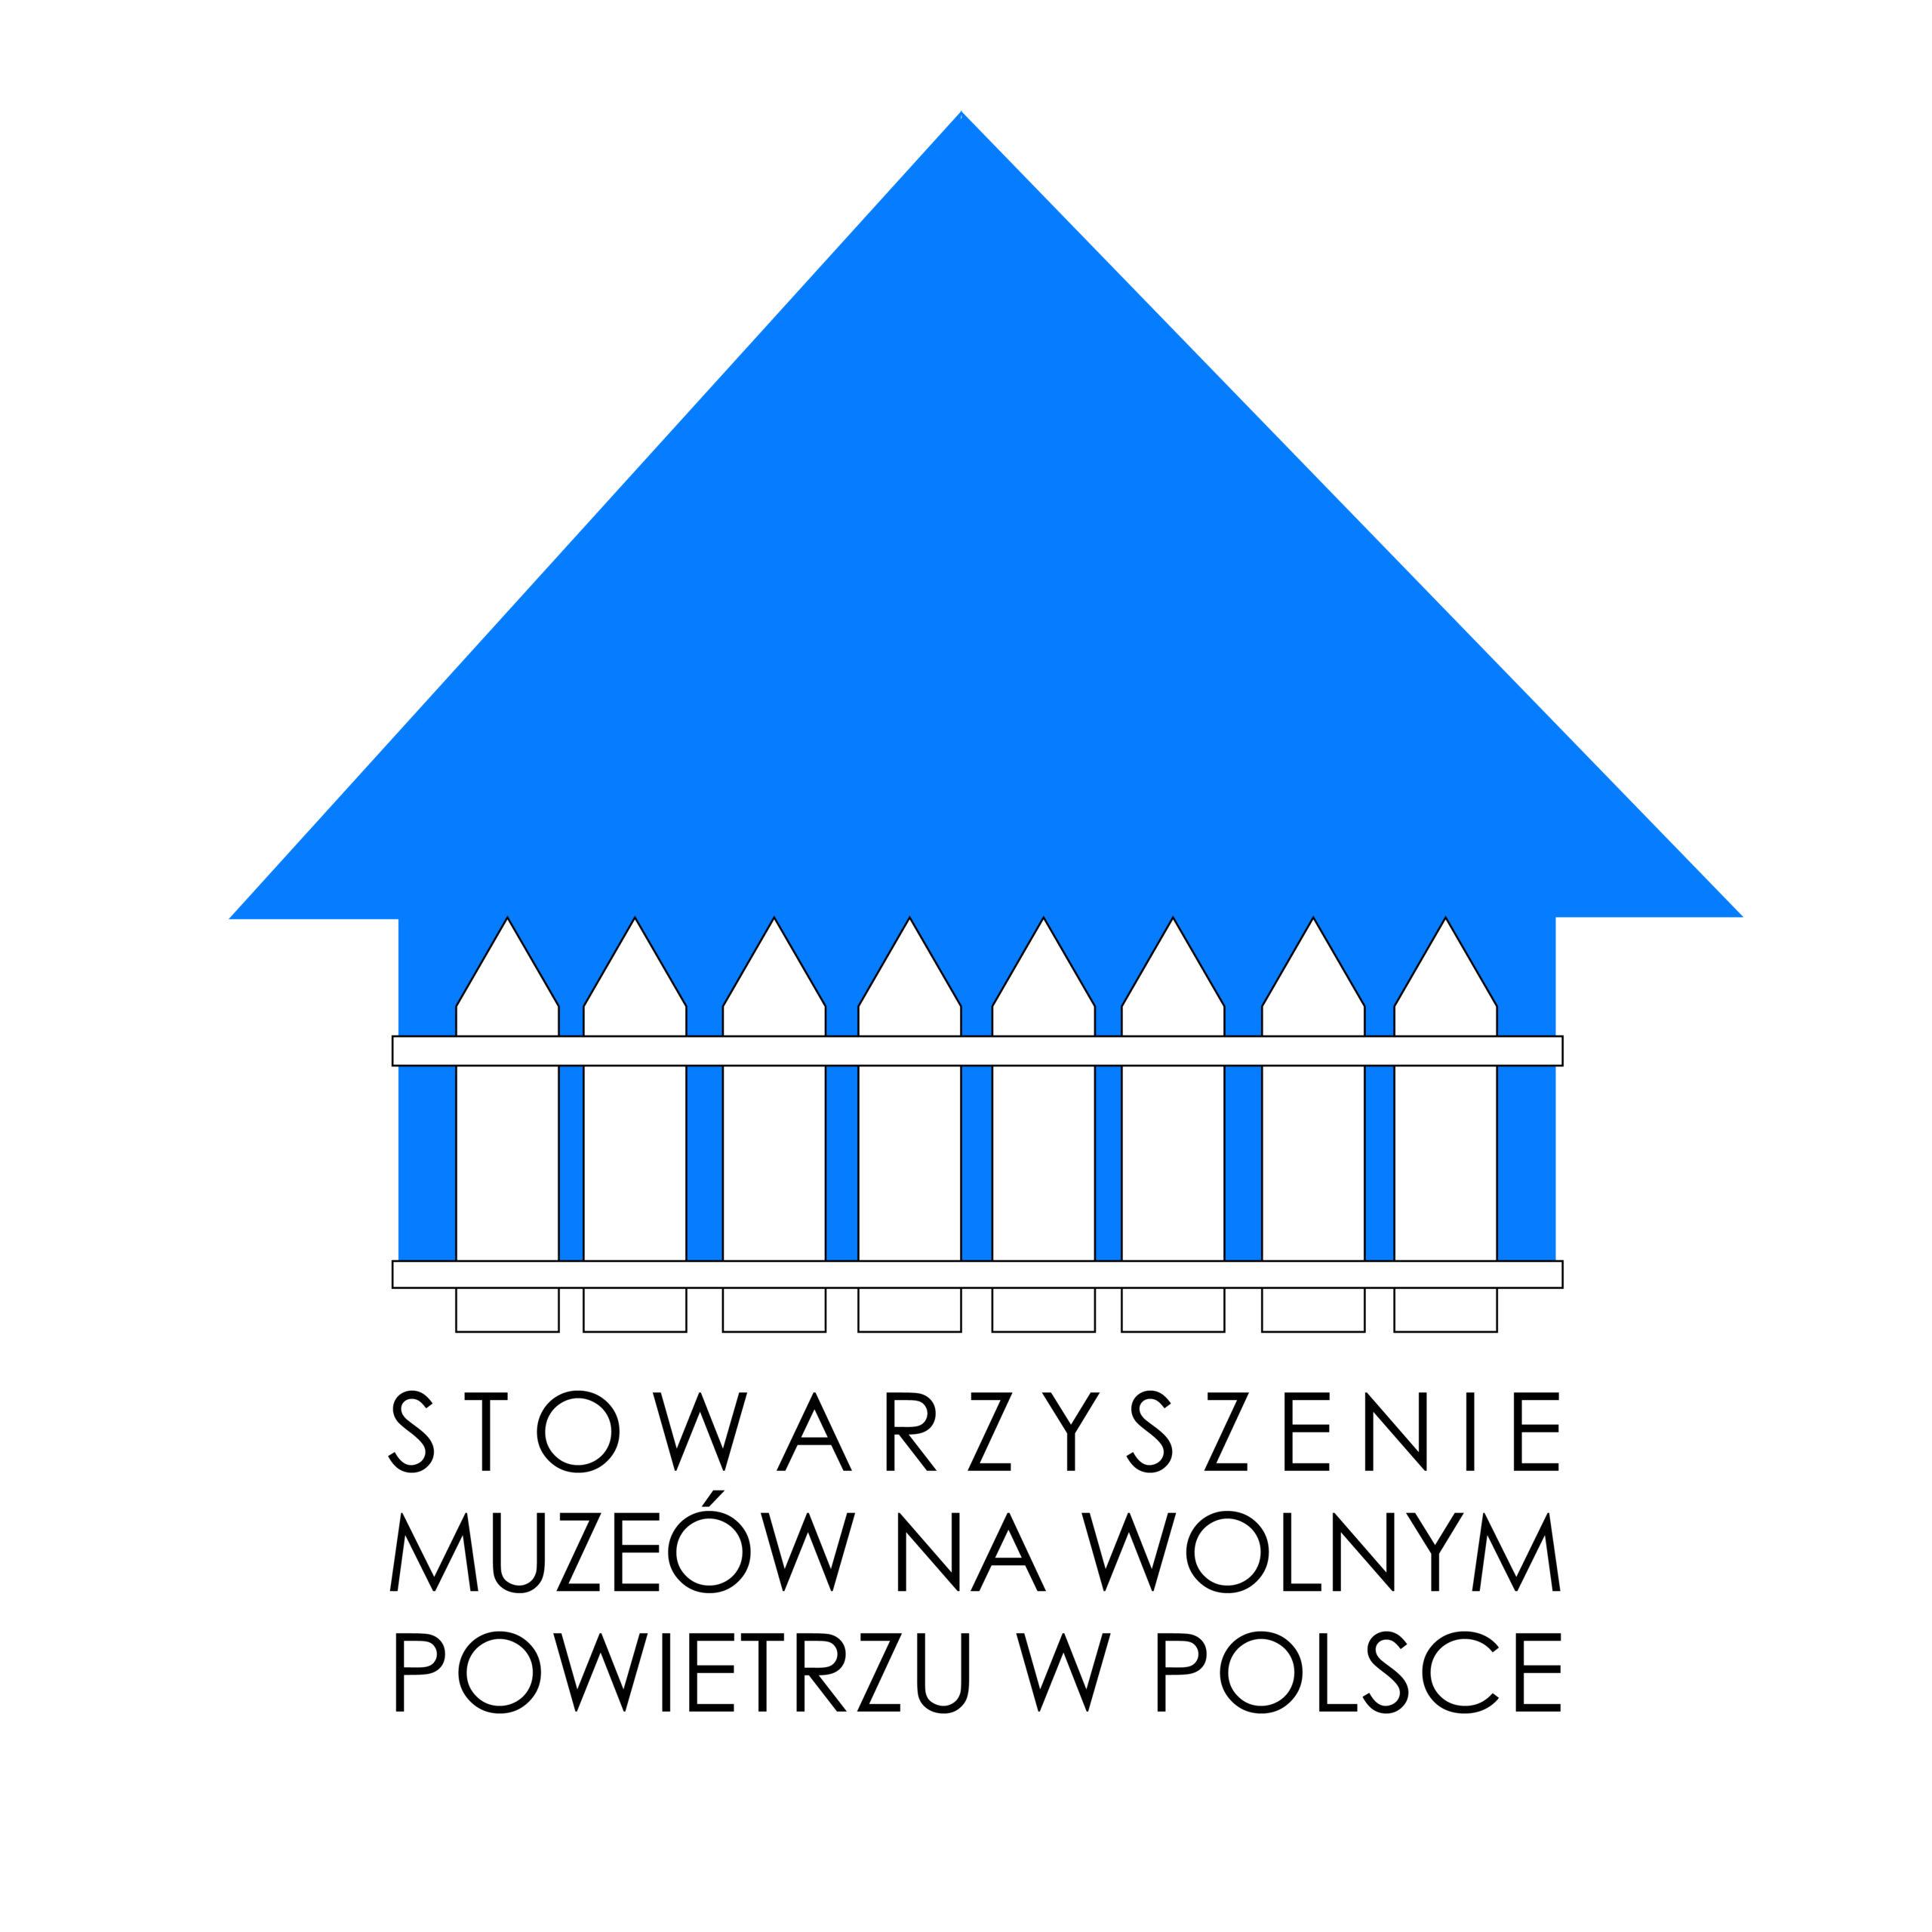 Stowarzyszenie Muzeów na Wolnym Powietrzu w Polsce.